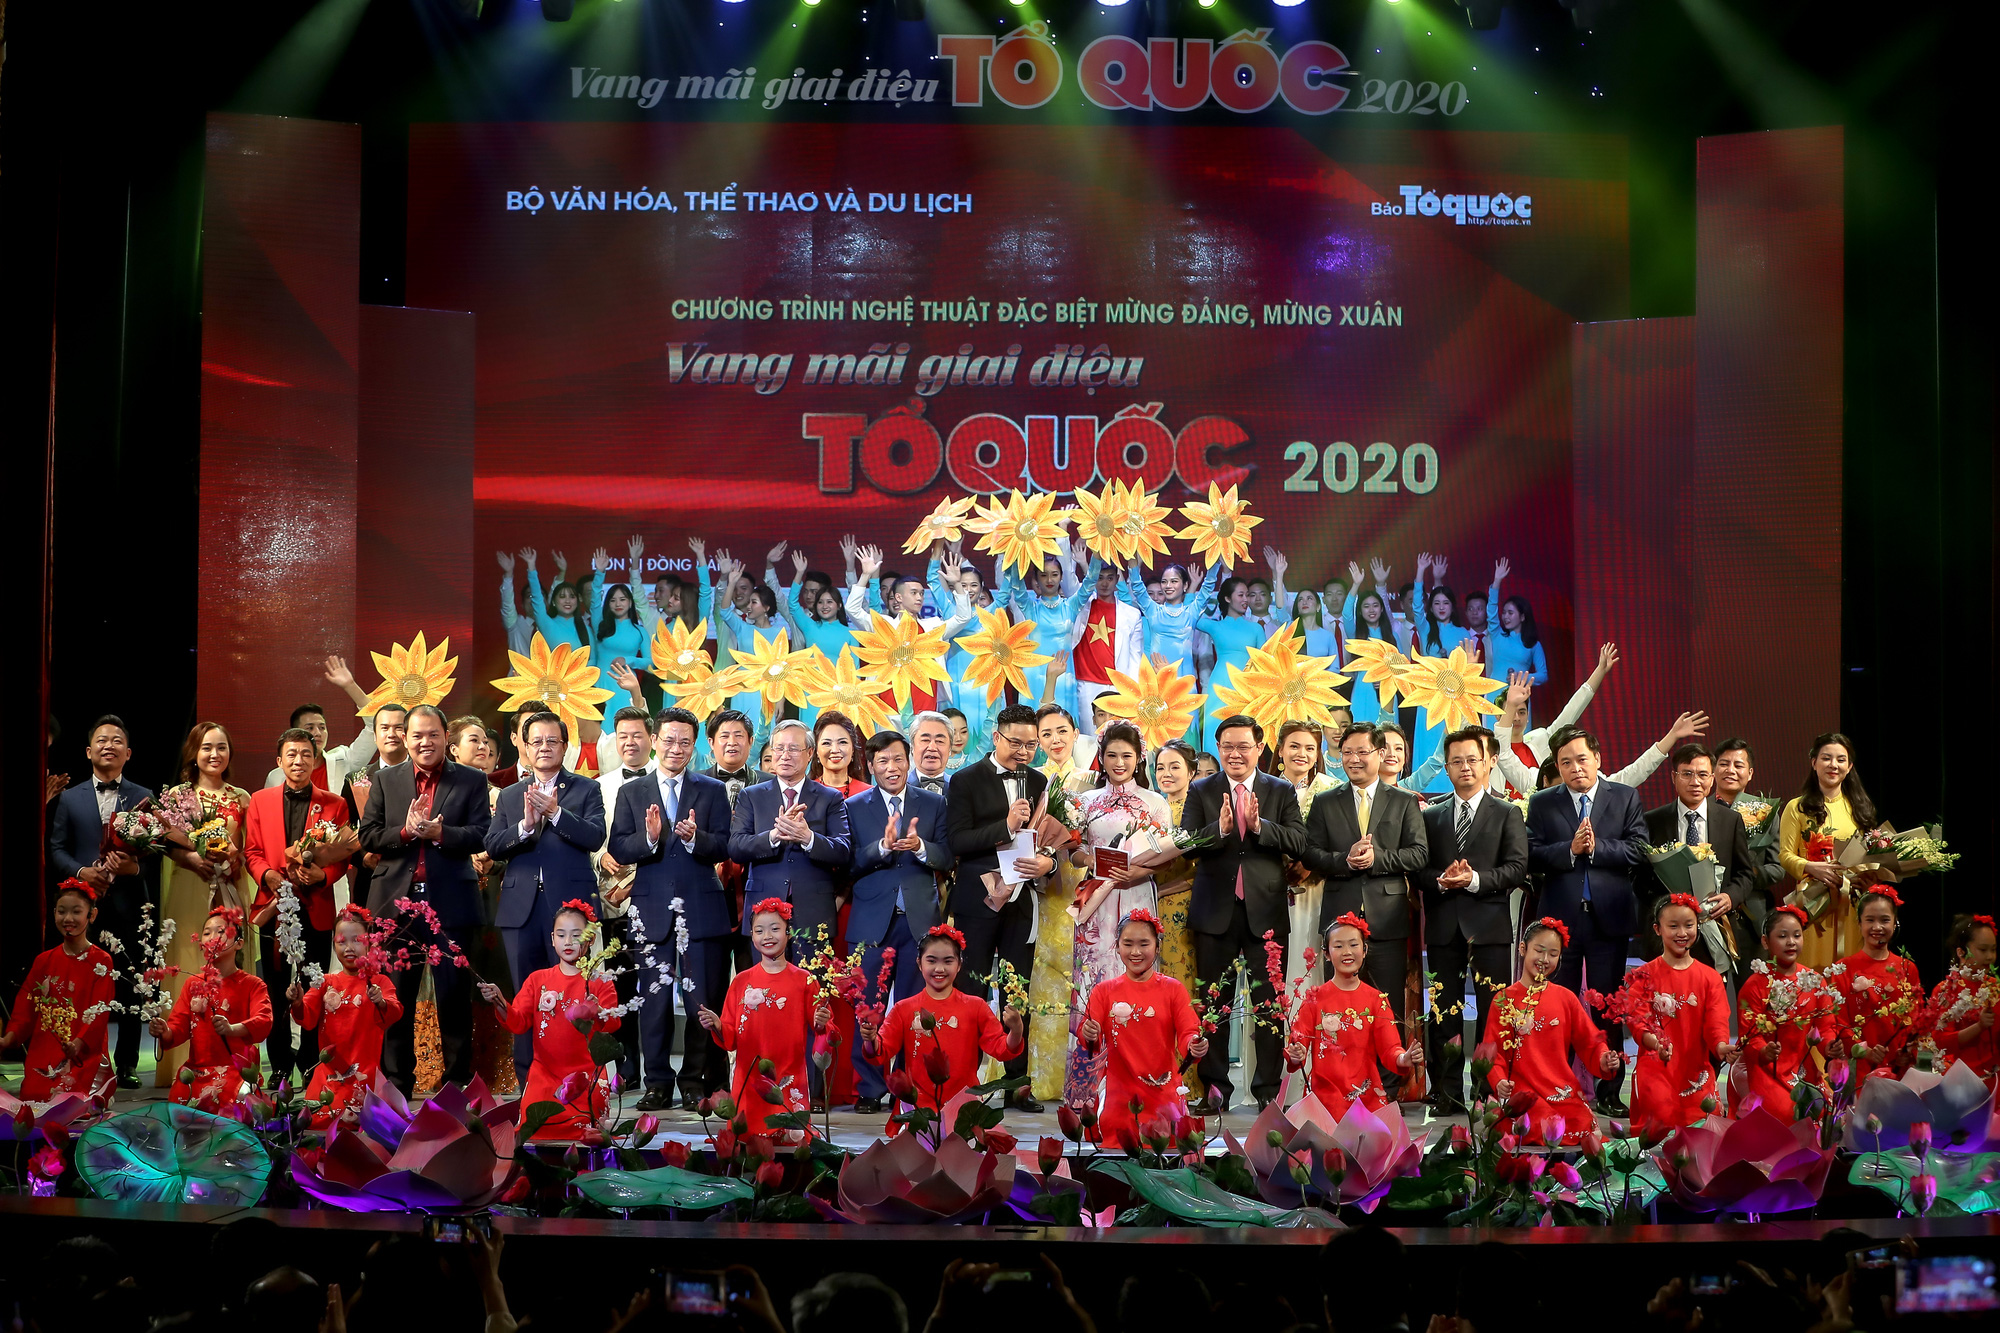 Những hình ảnh ấn tượng của Vang mãi giai điệu Tổ Quốc  2020 - Ảnh 17.